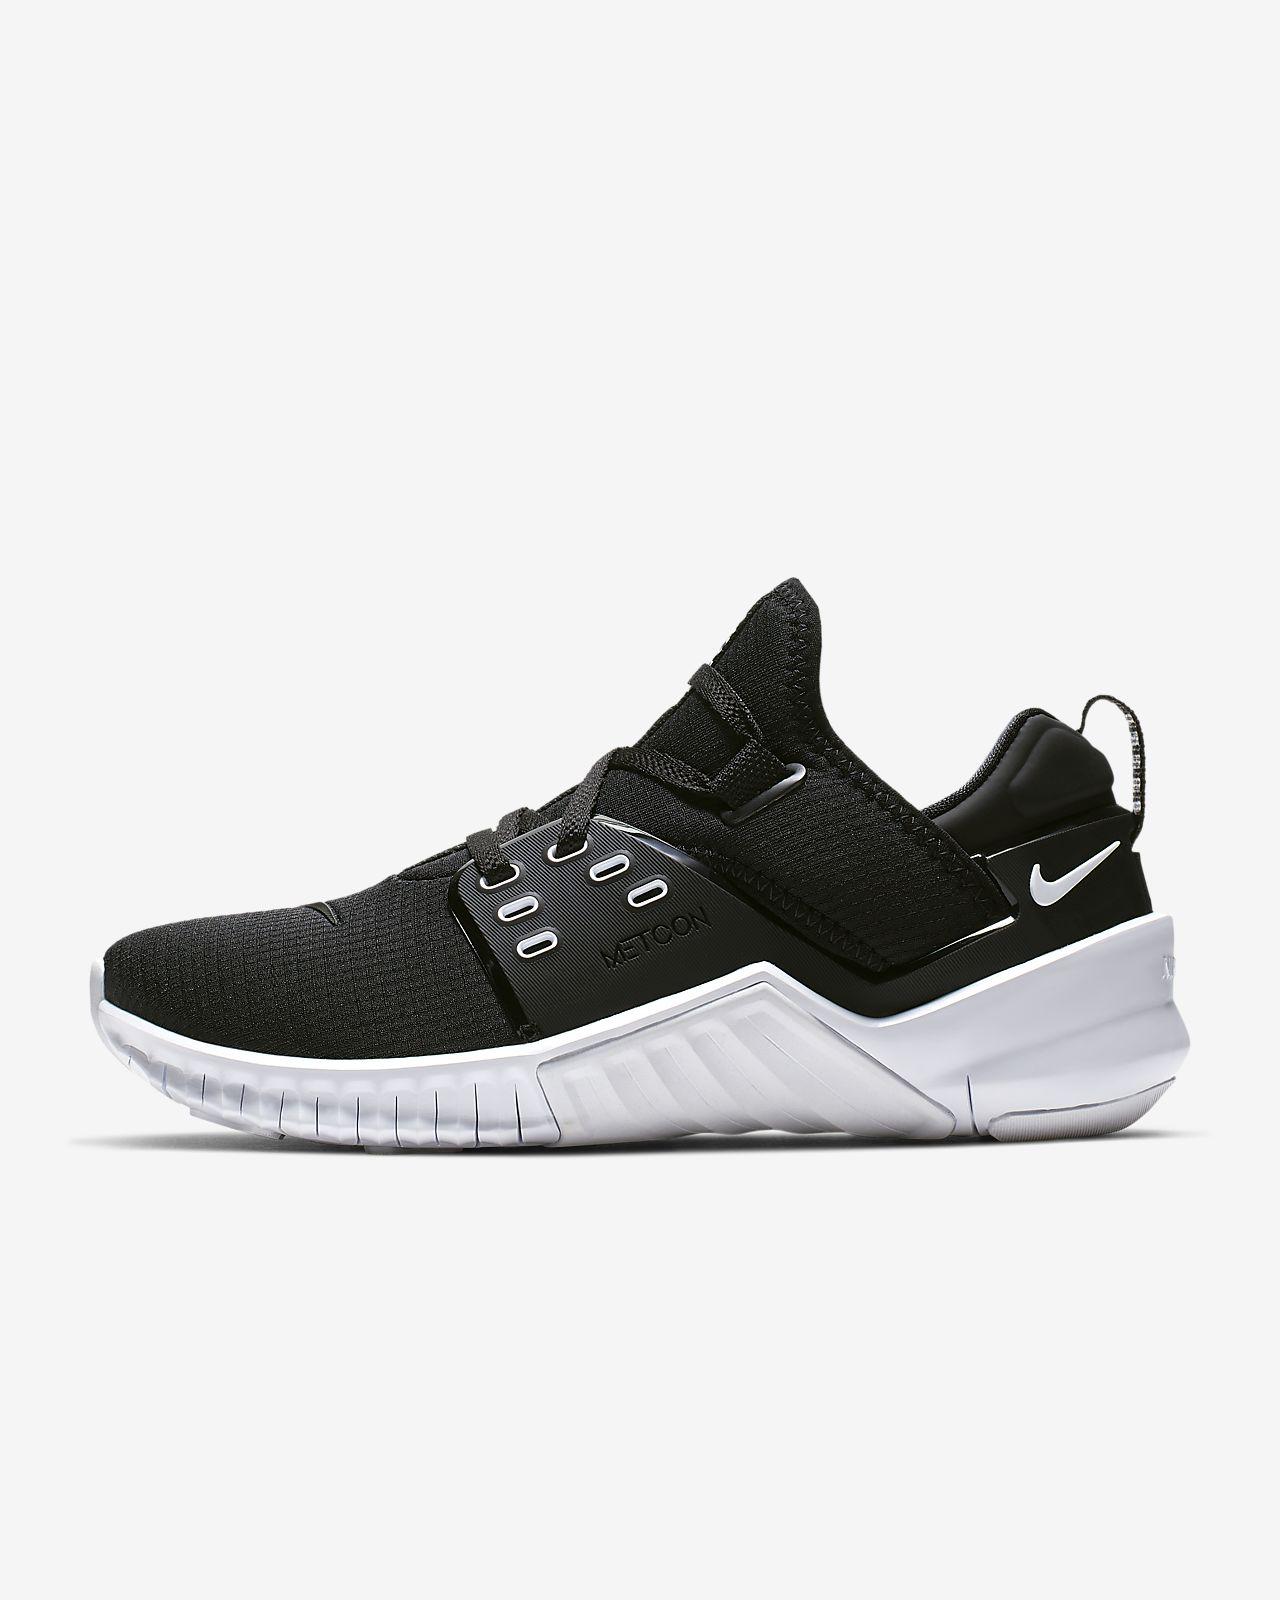 Γυναικείο παπούτσι προπόνησης Nike Free X Metcon 2